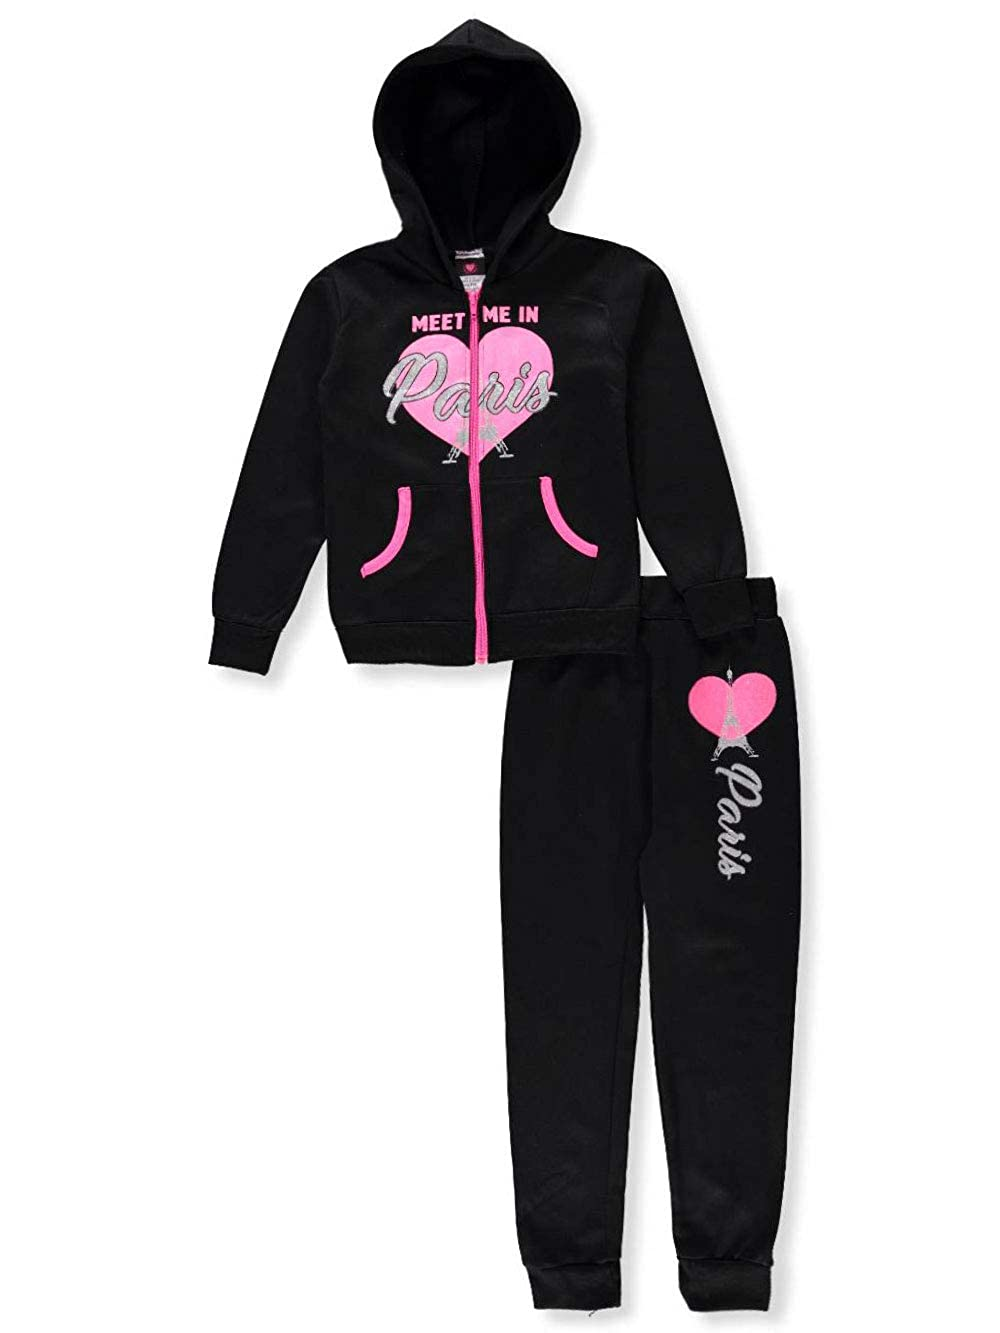 The DivaCup Diva Girls' 2-Piece Sweatsuit Pants Set